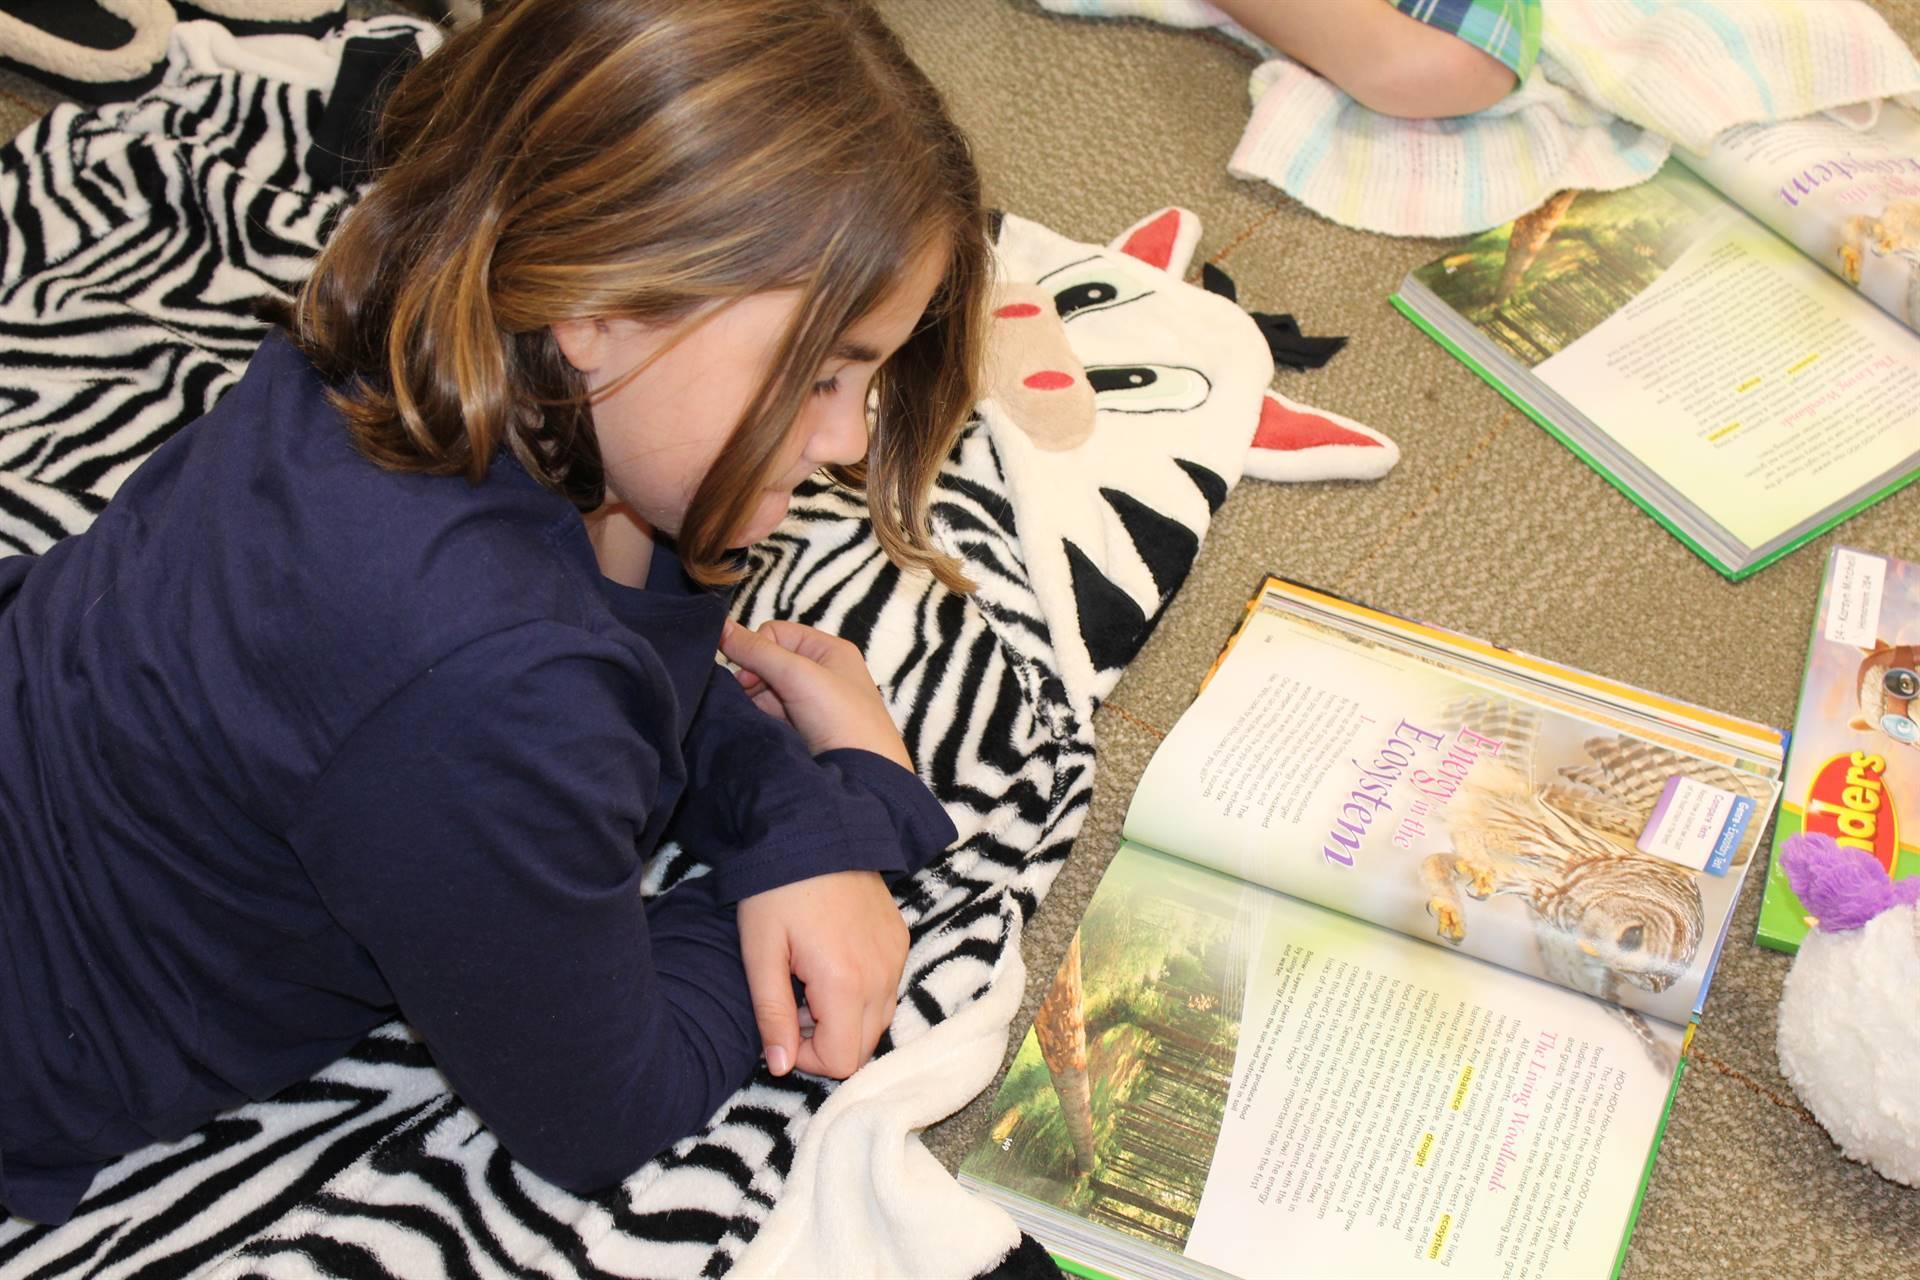 Mrs. Dressler's students enjoy reading